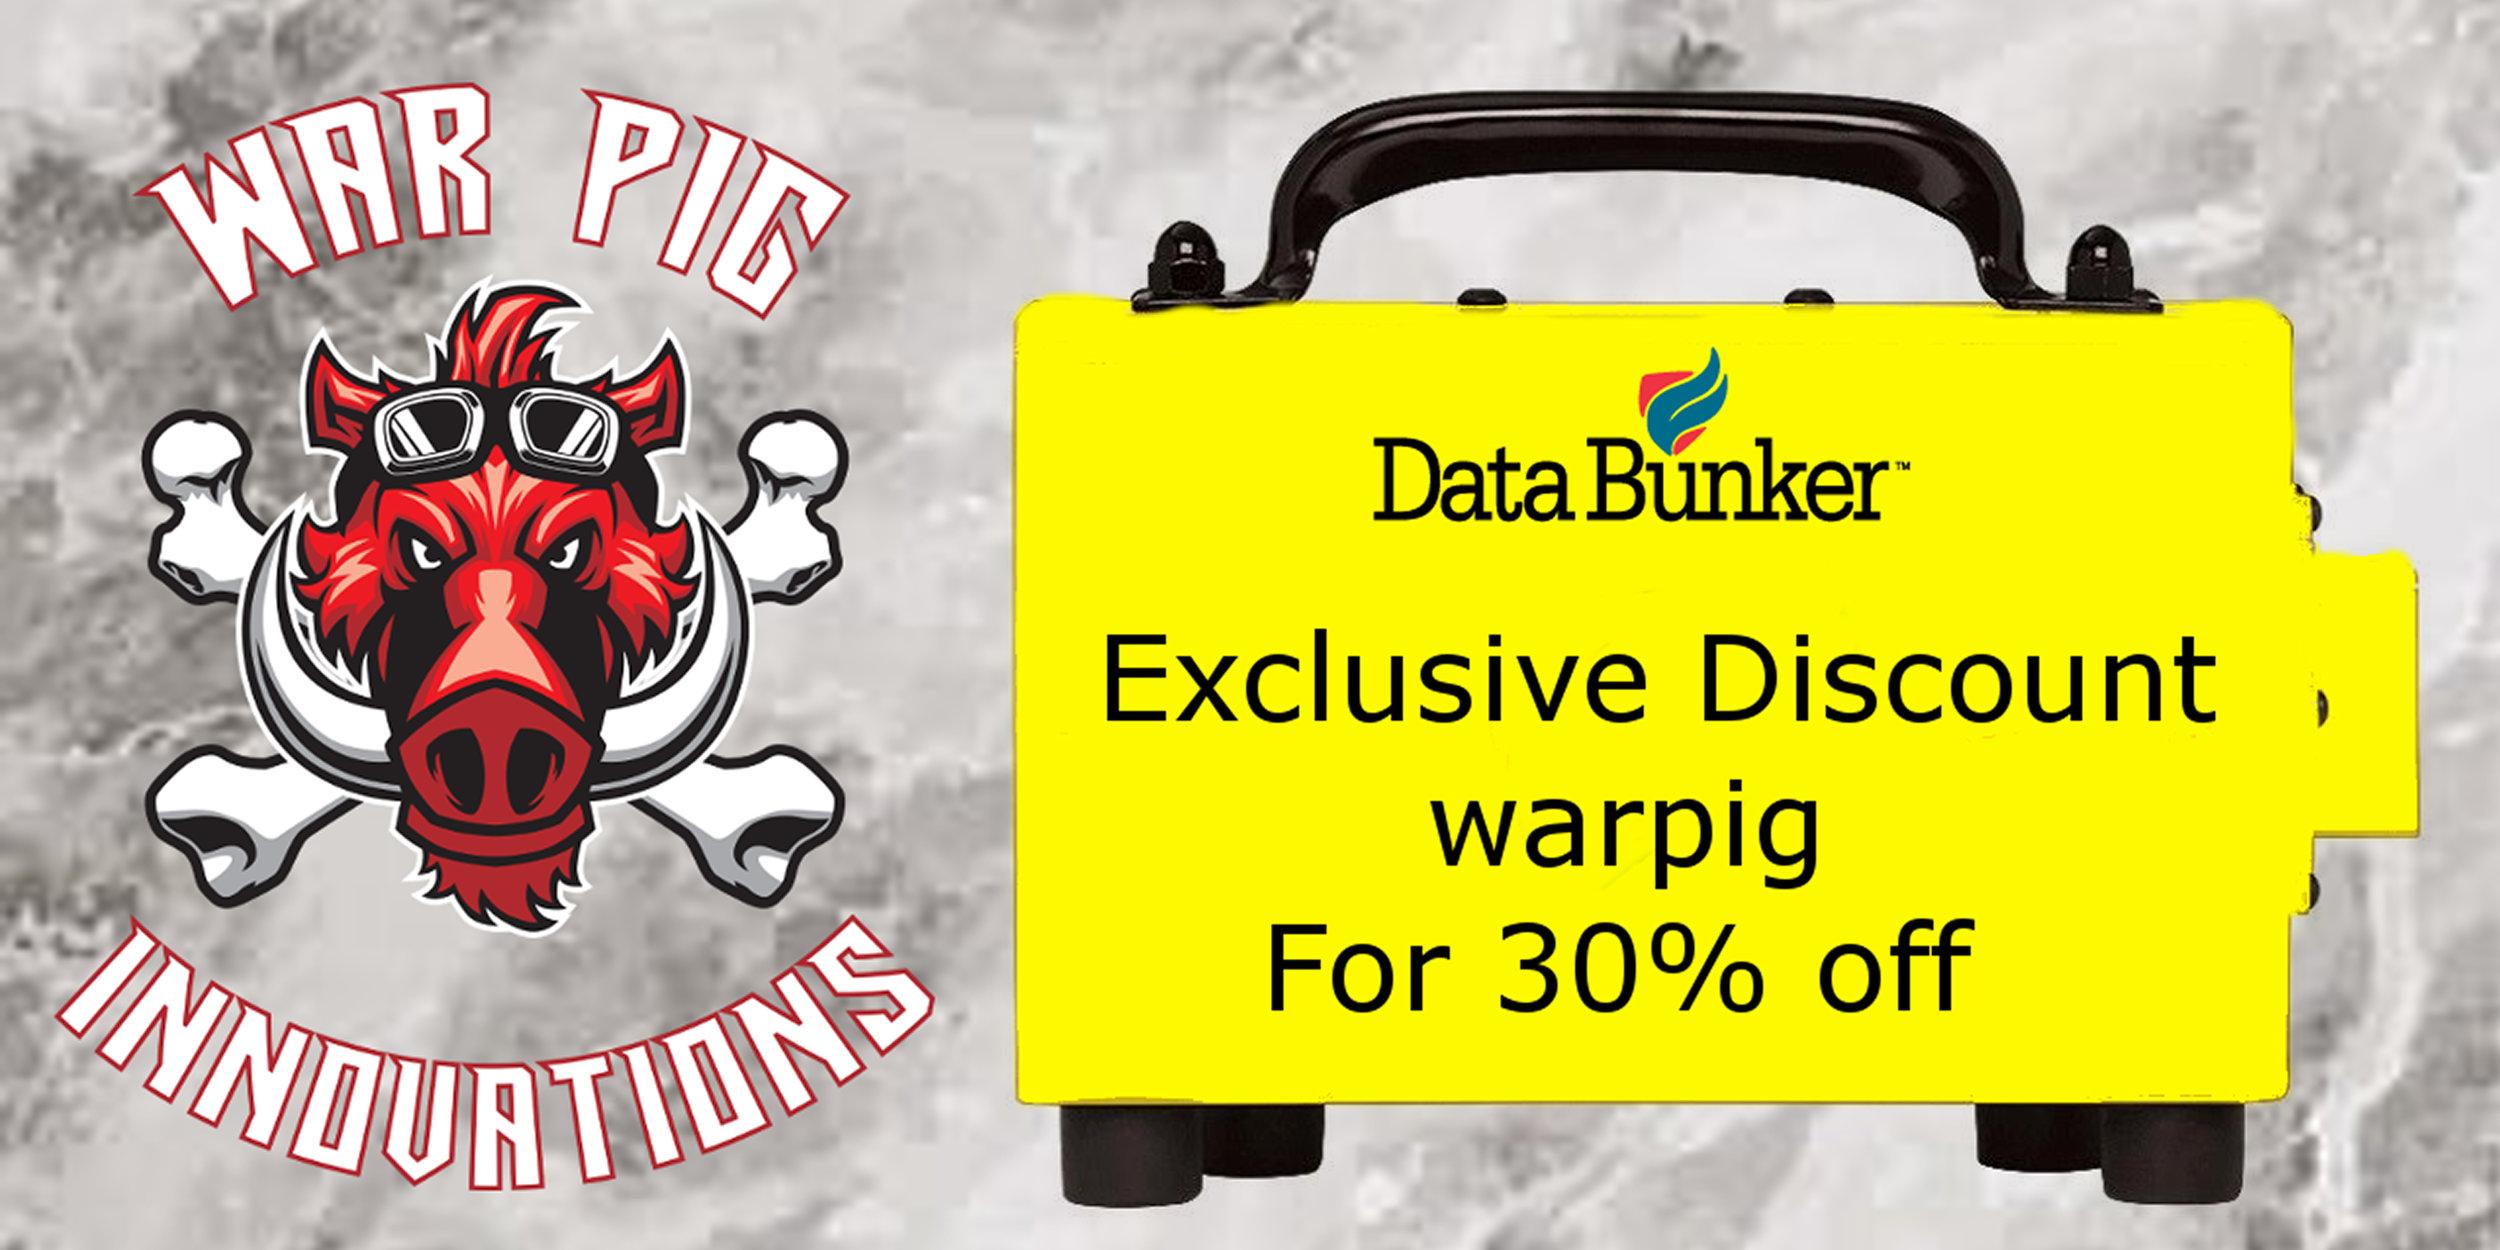 Data bunker ad.jpg